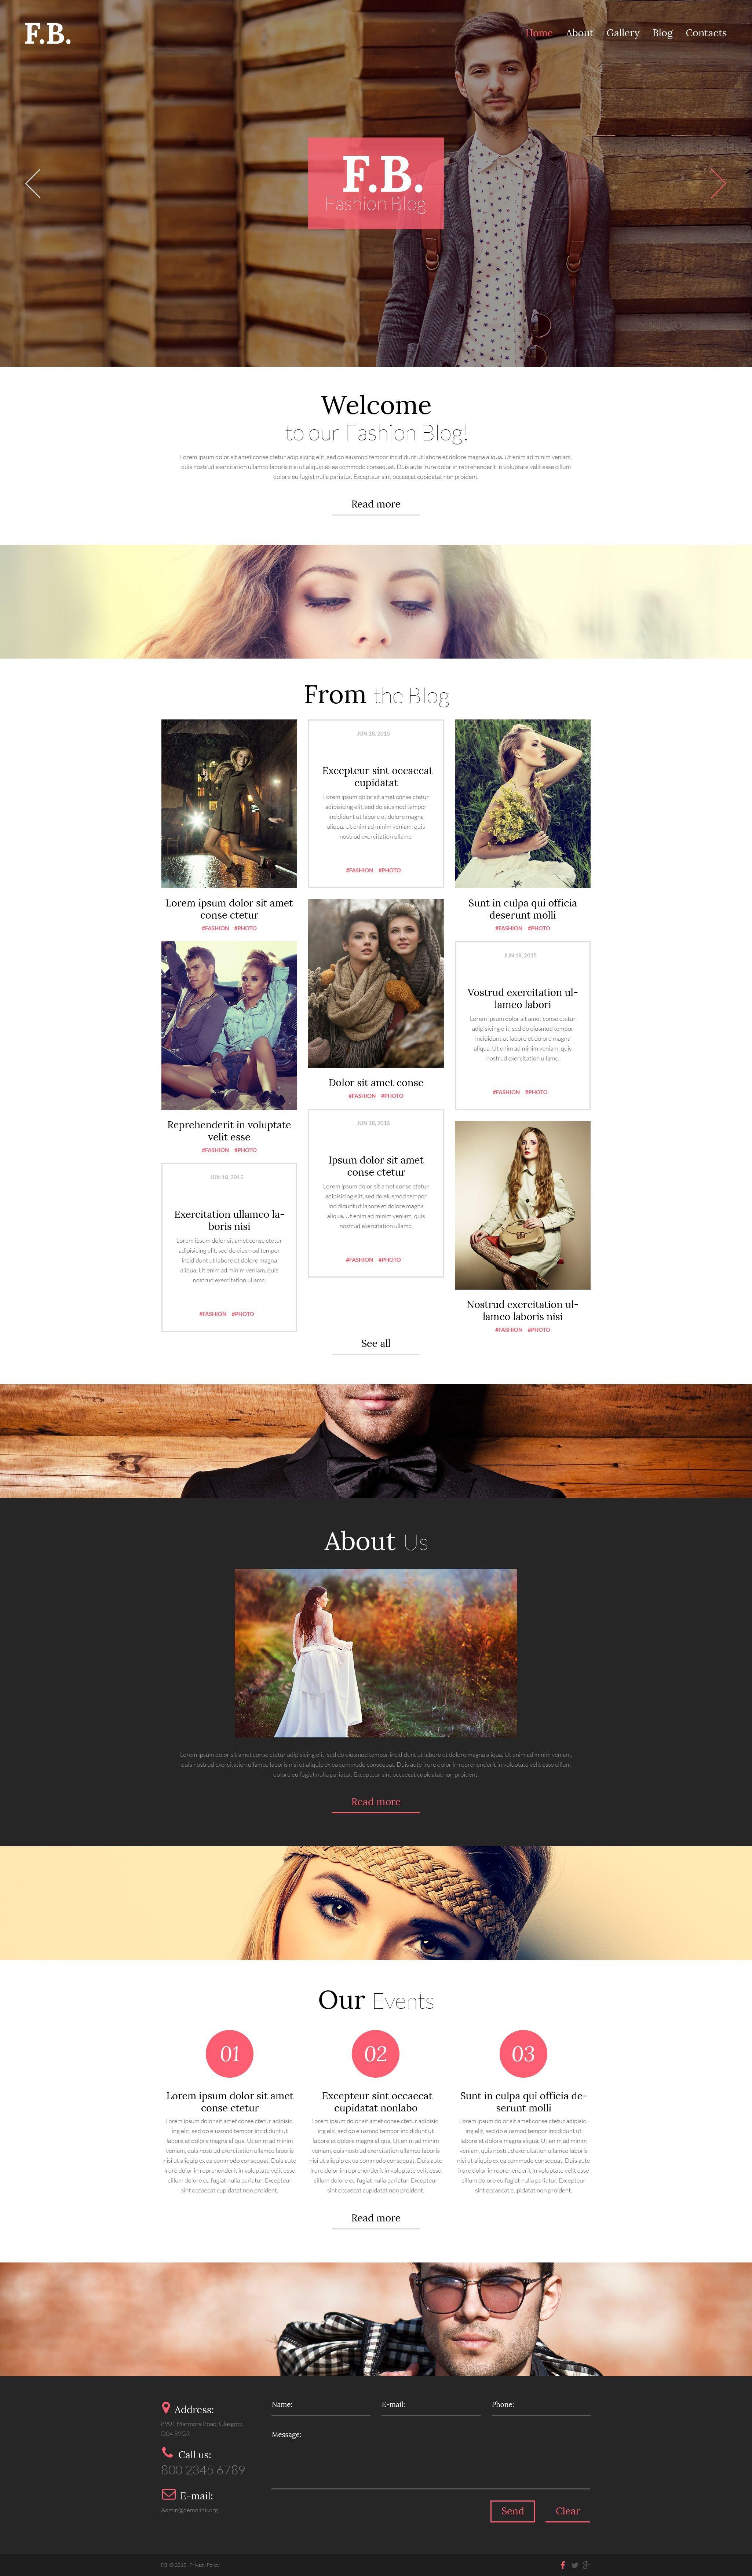 Fashion №53435 - скриншот